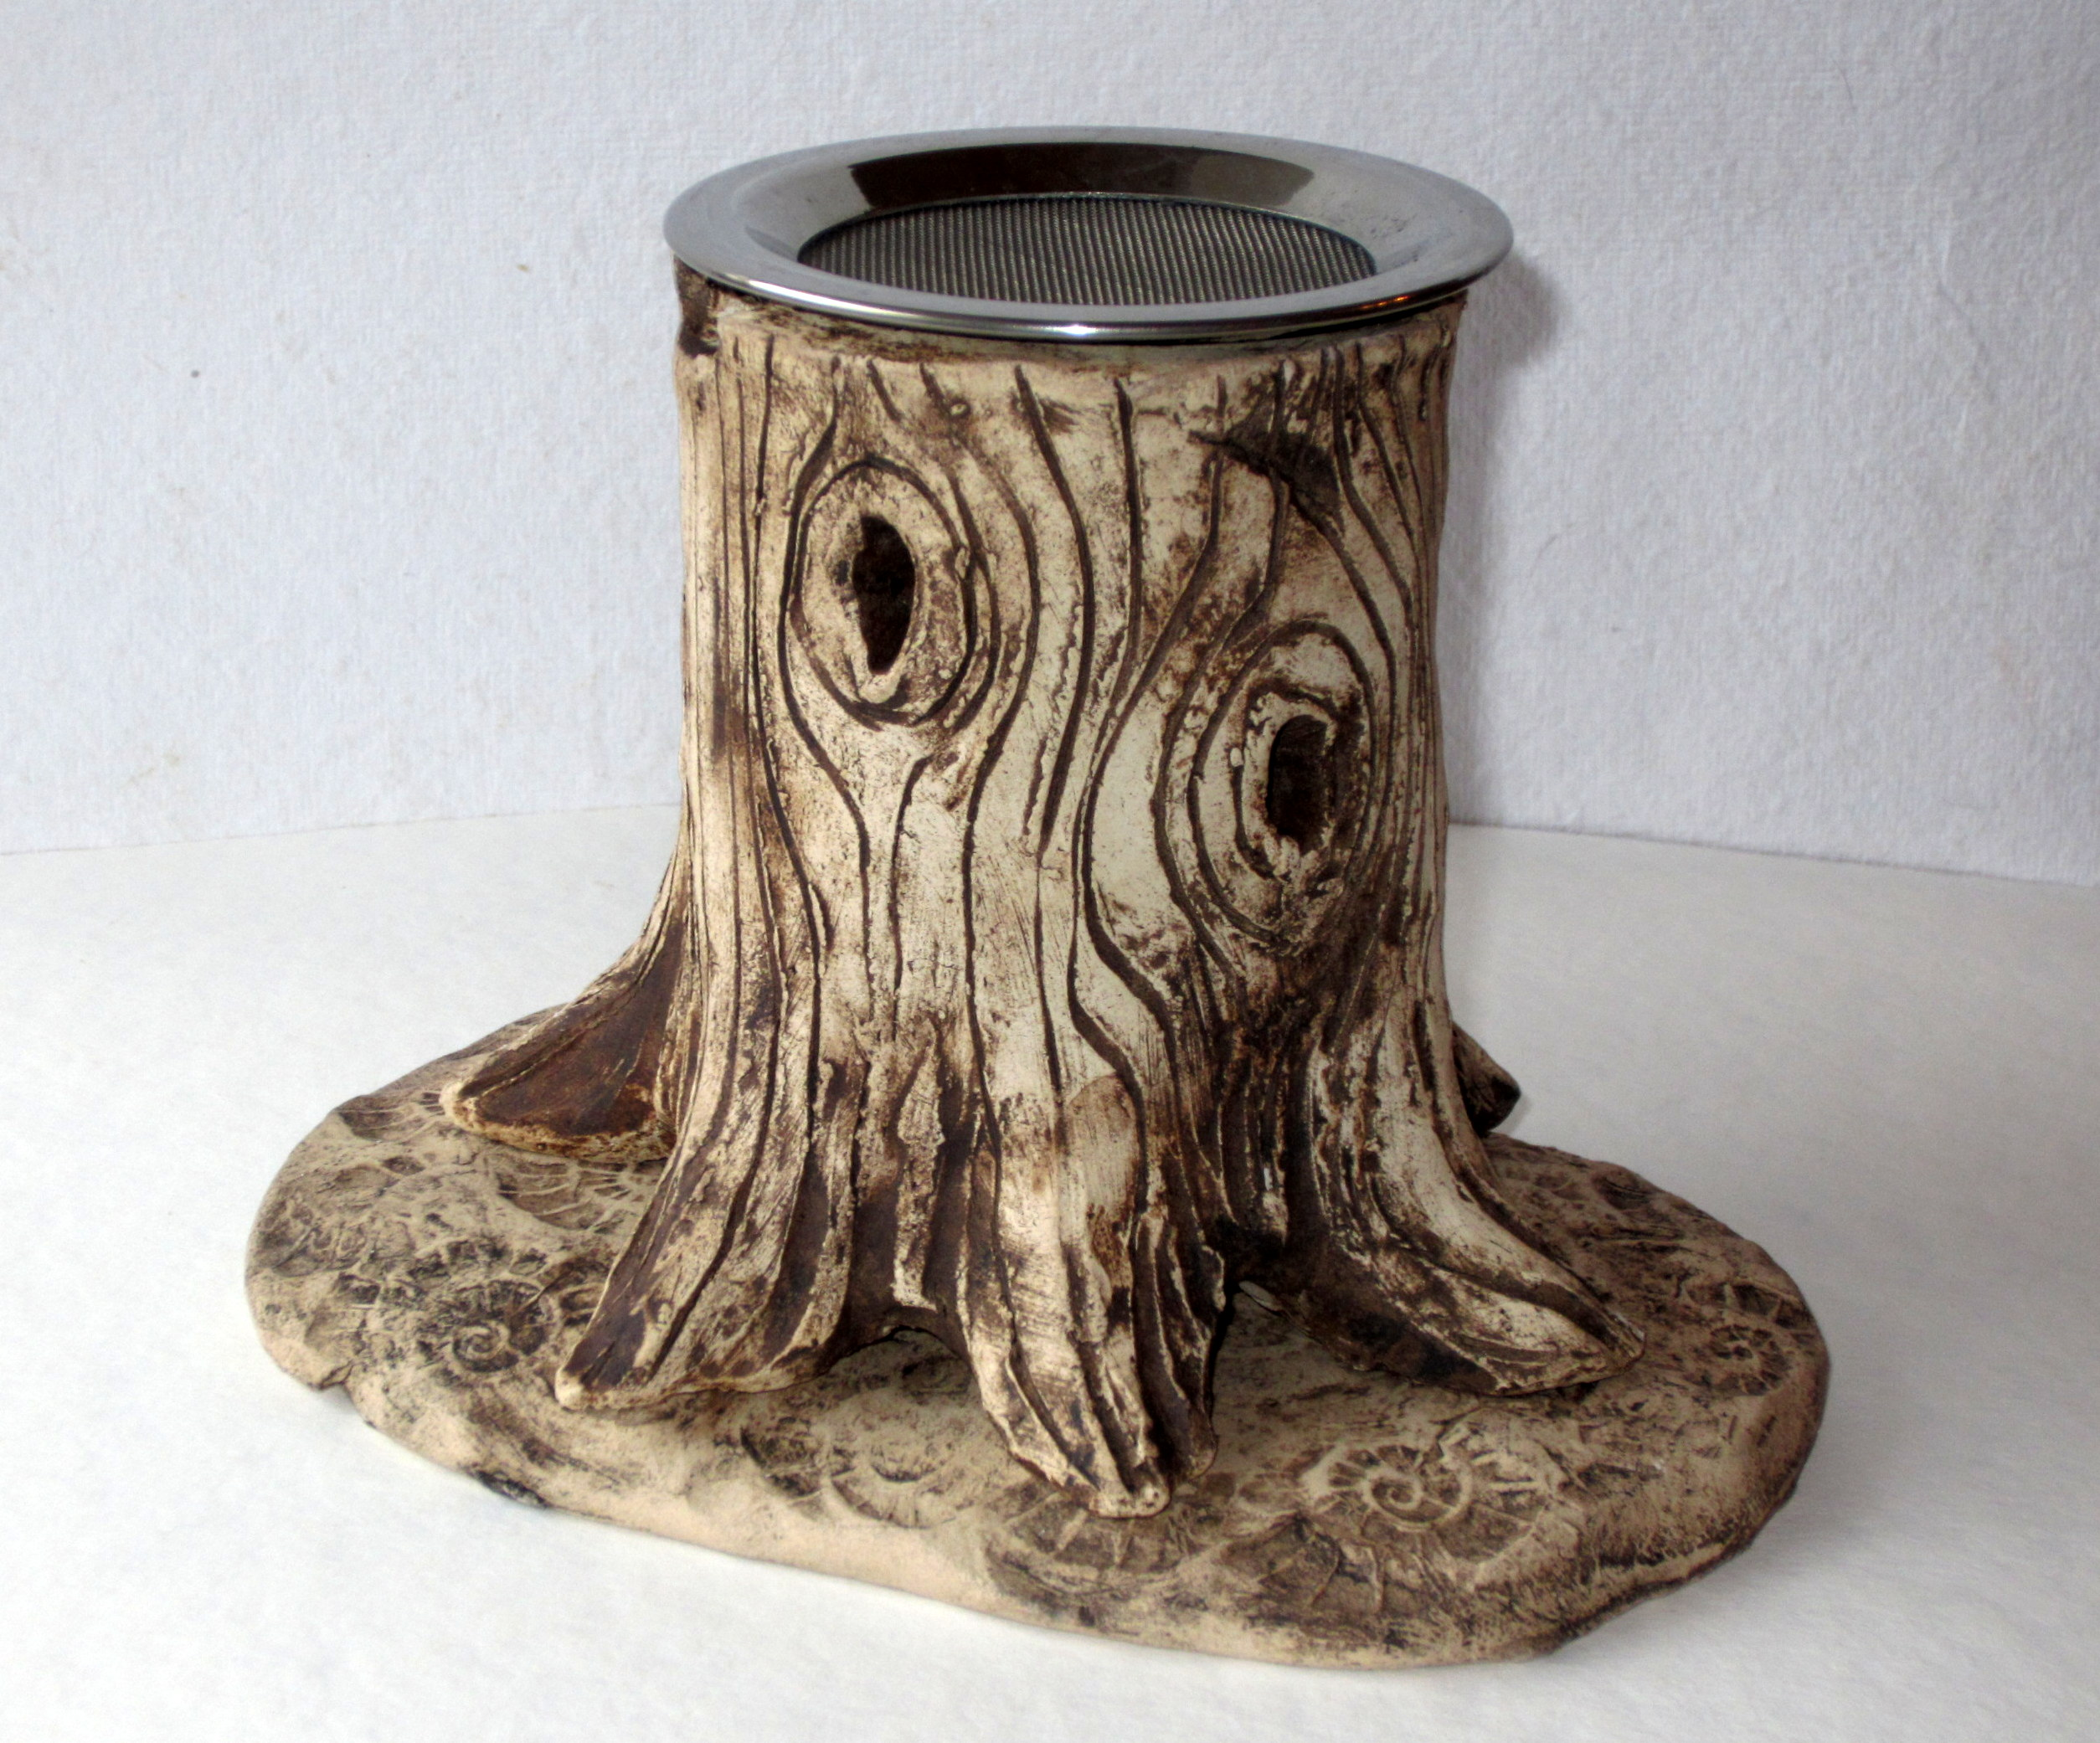 Unterschied Ton Keramik keramik ton unterschied chinesische vase ton keramik handbemalt